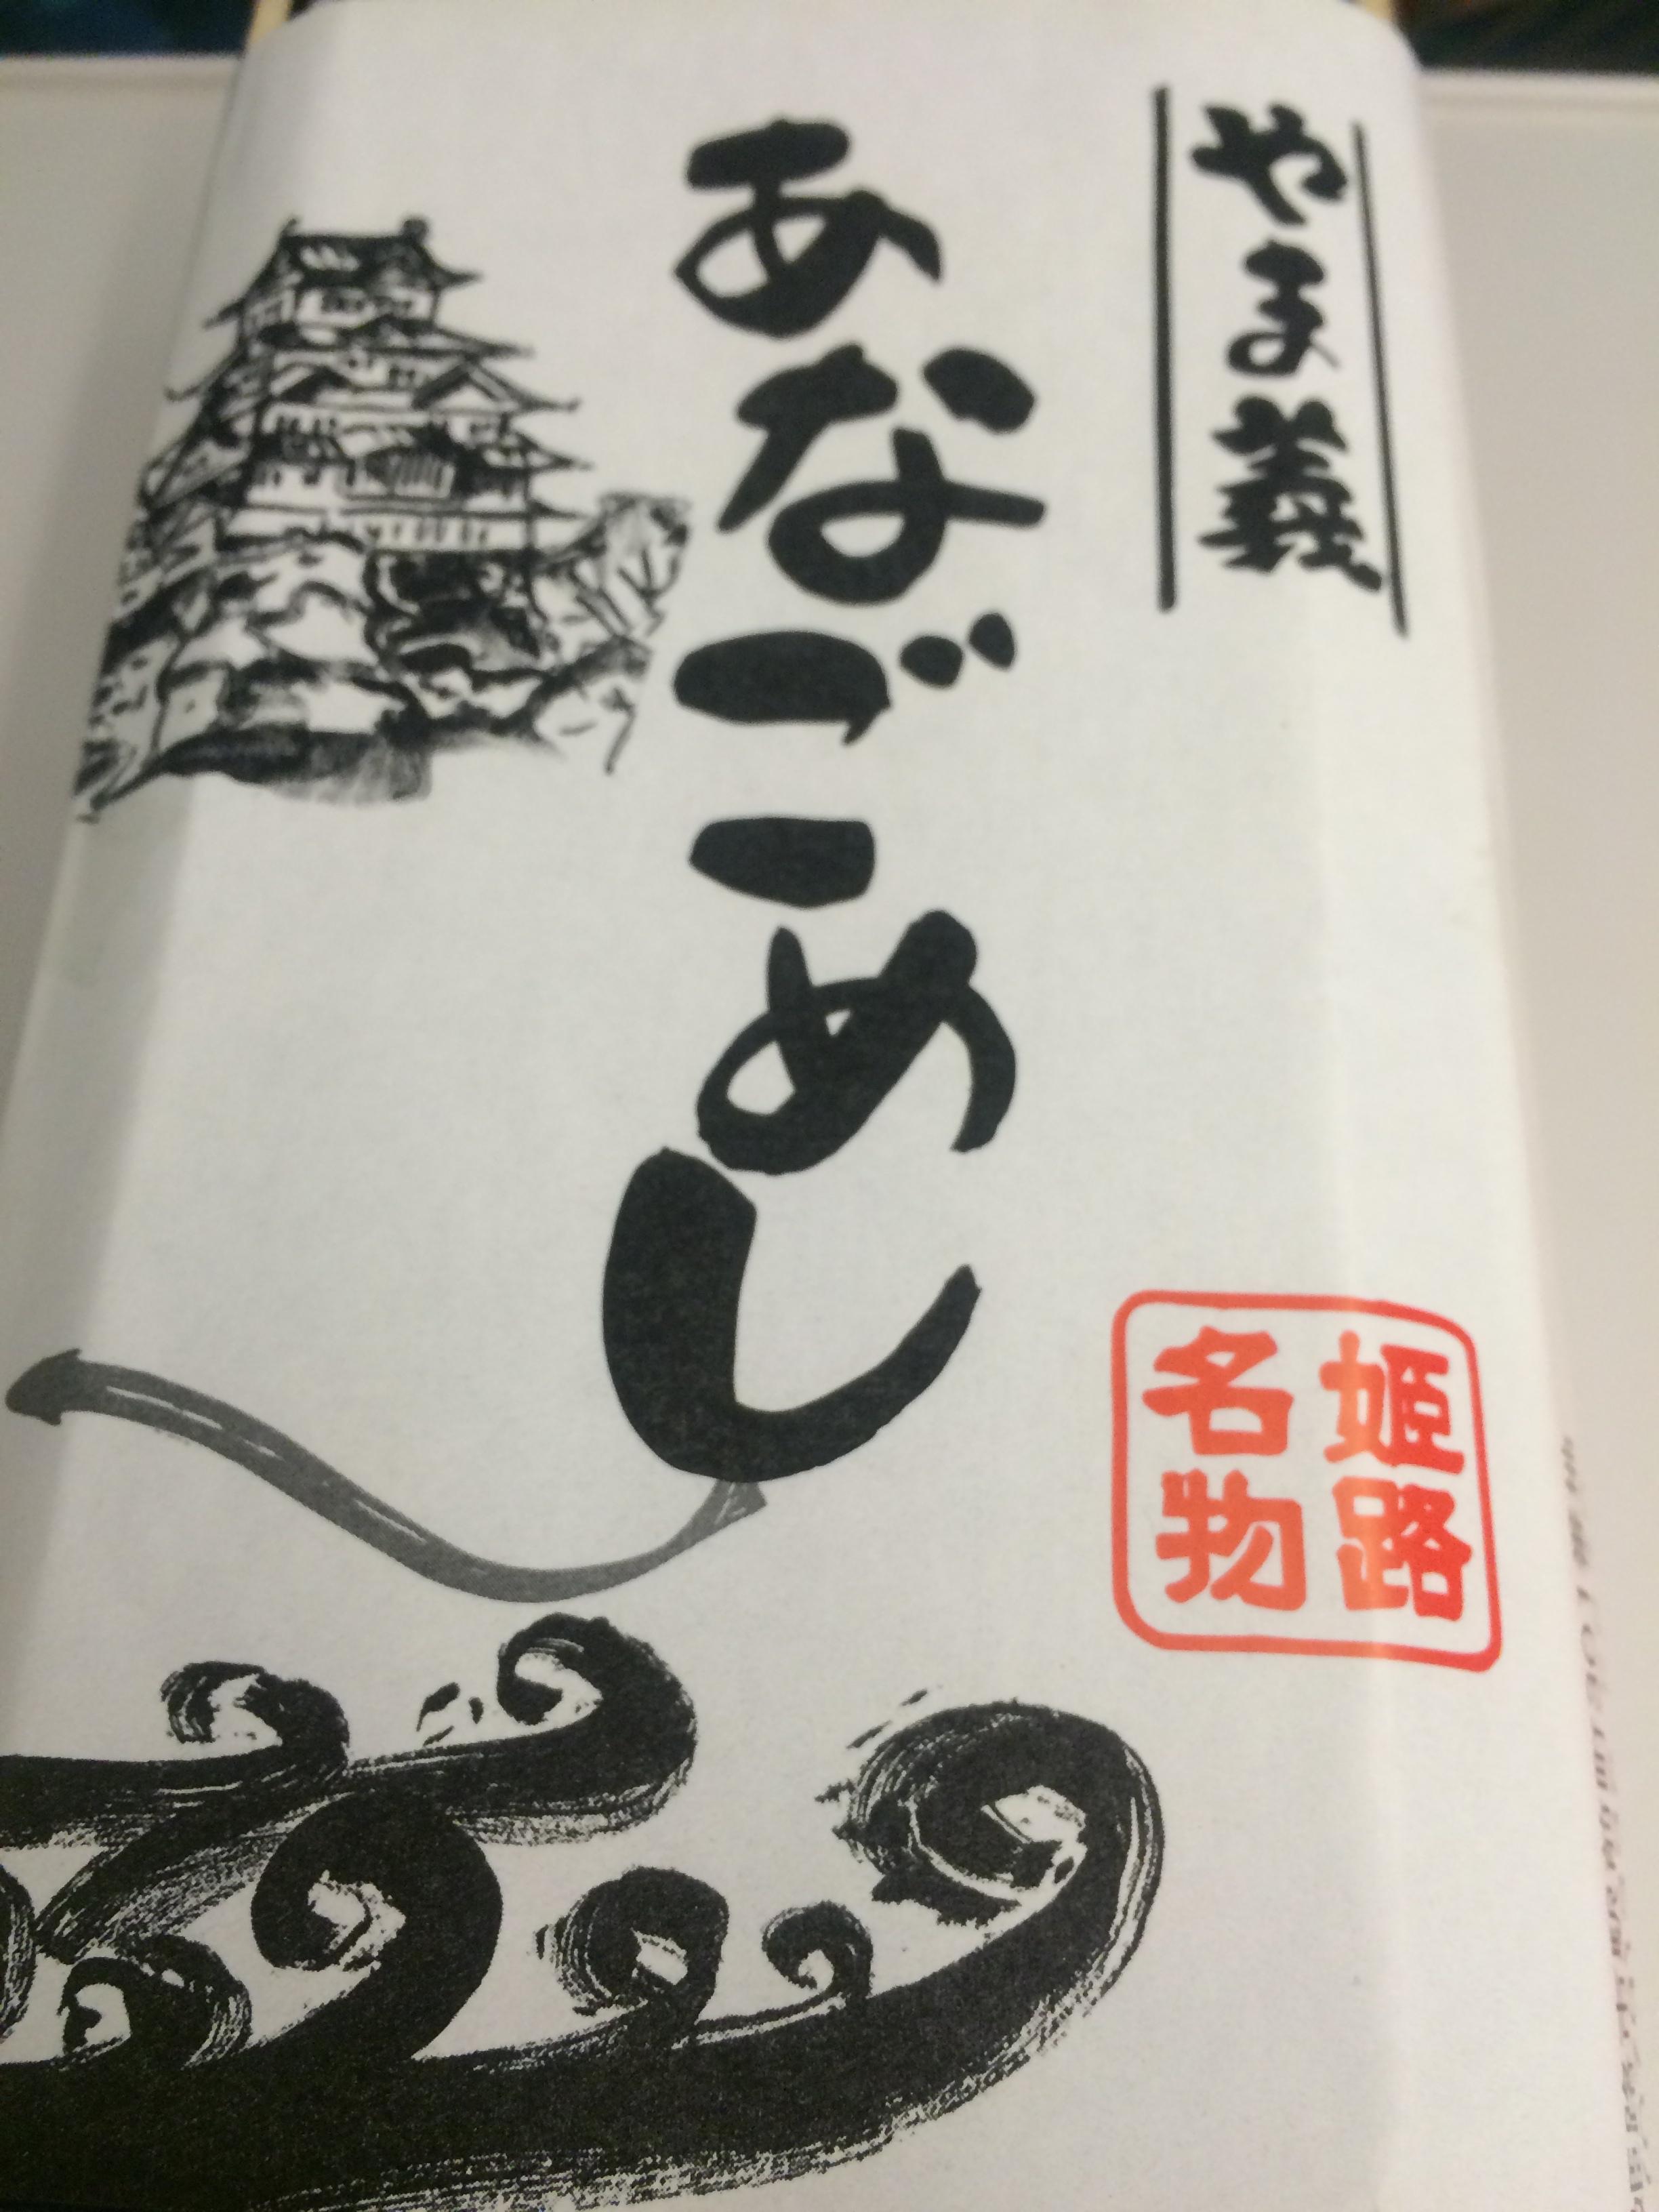 姫路 旅行の〆は、やま義のあなご飯